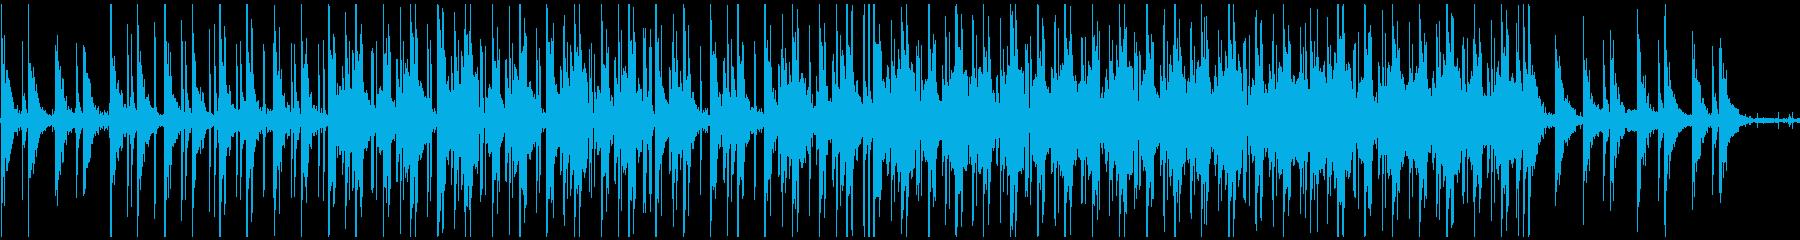 Lofi hiphop  留守電の音入りの再生済みの波形